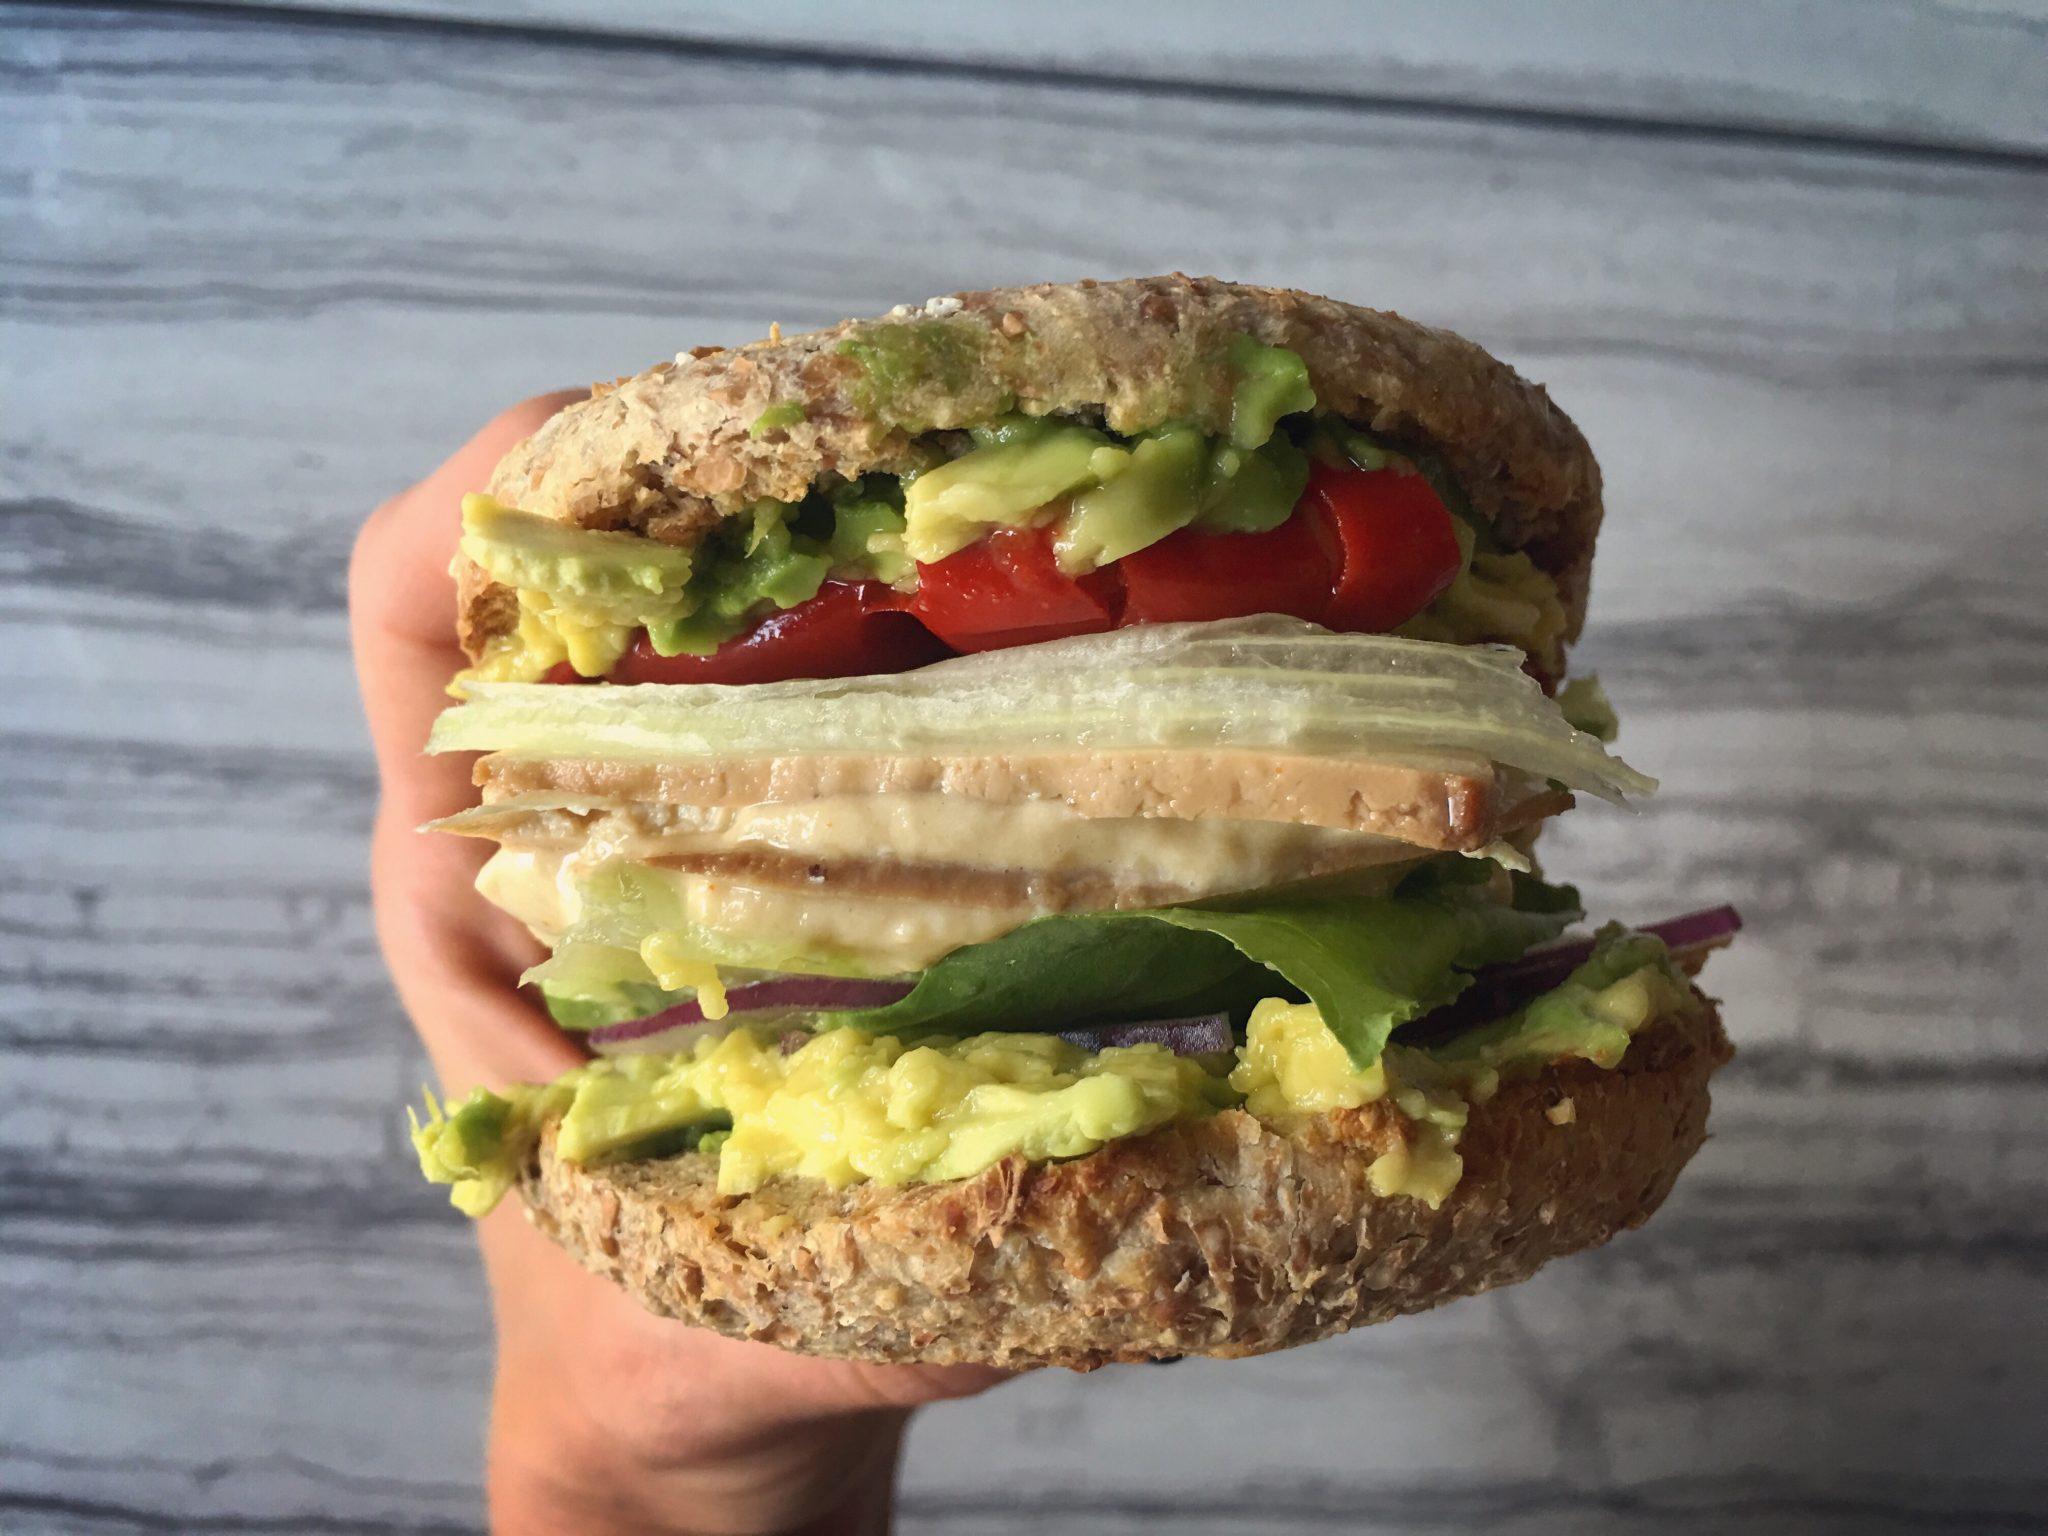 Friday Feast: Mighty Tofu Sandwich